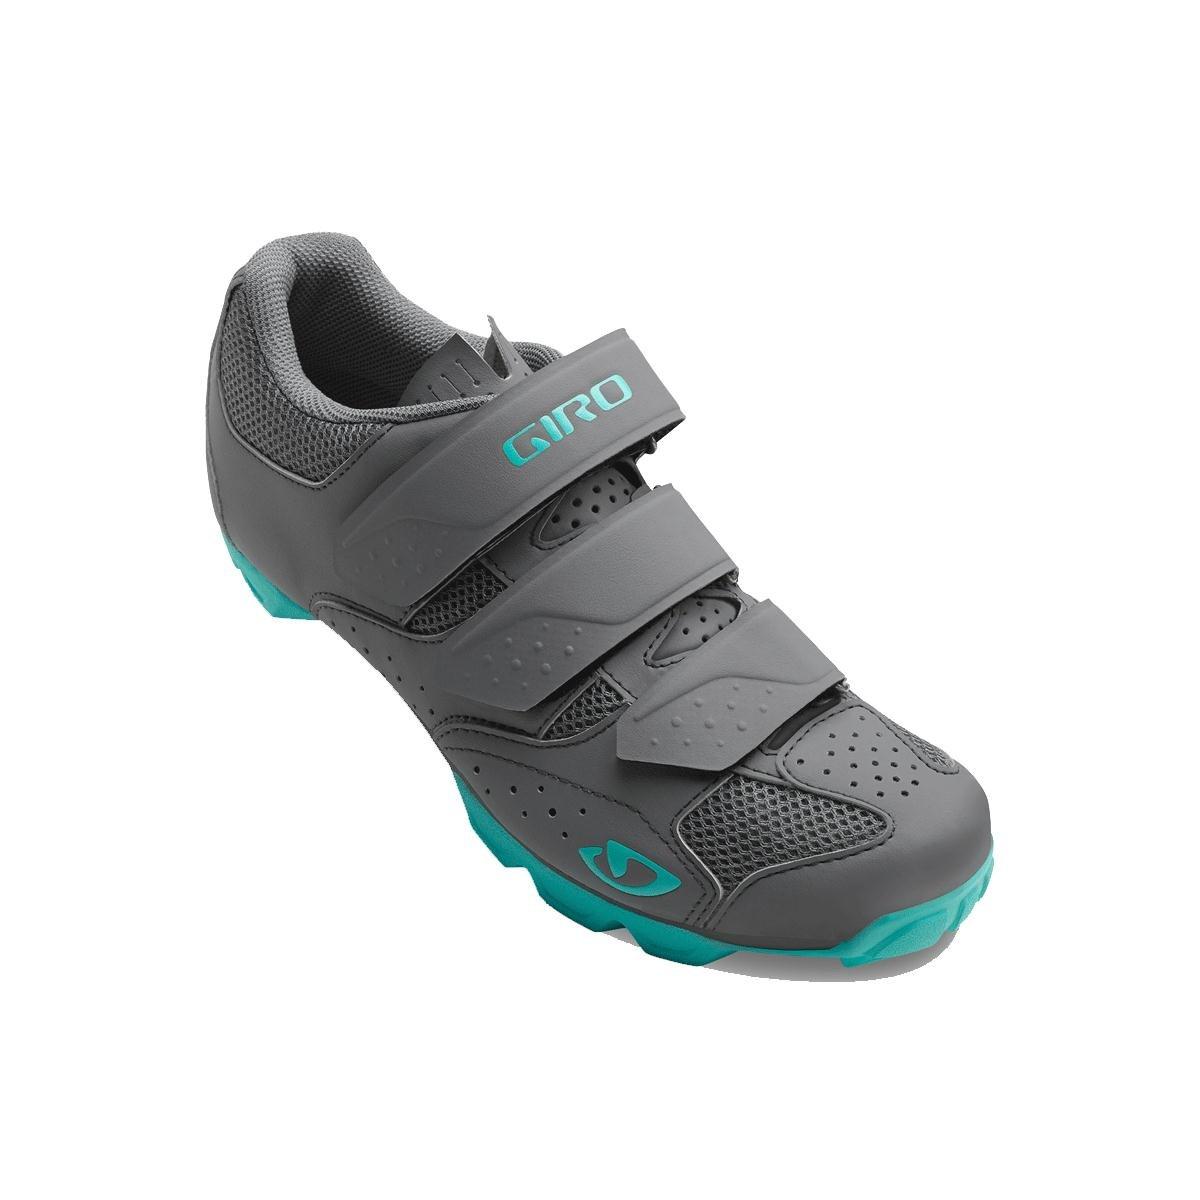 Giro Riela R II Cycling Shoes - Women's Dark Shadow/Glacier 36